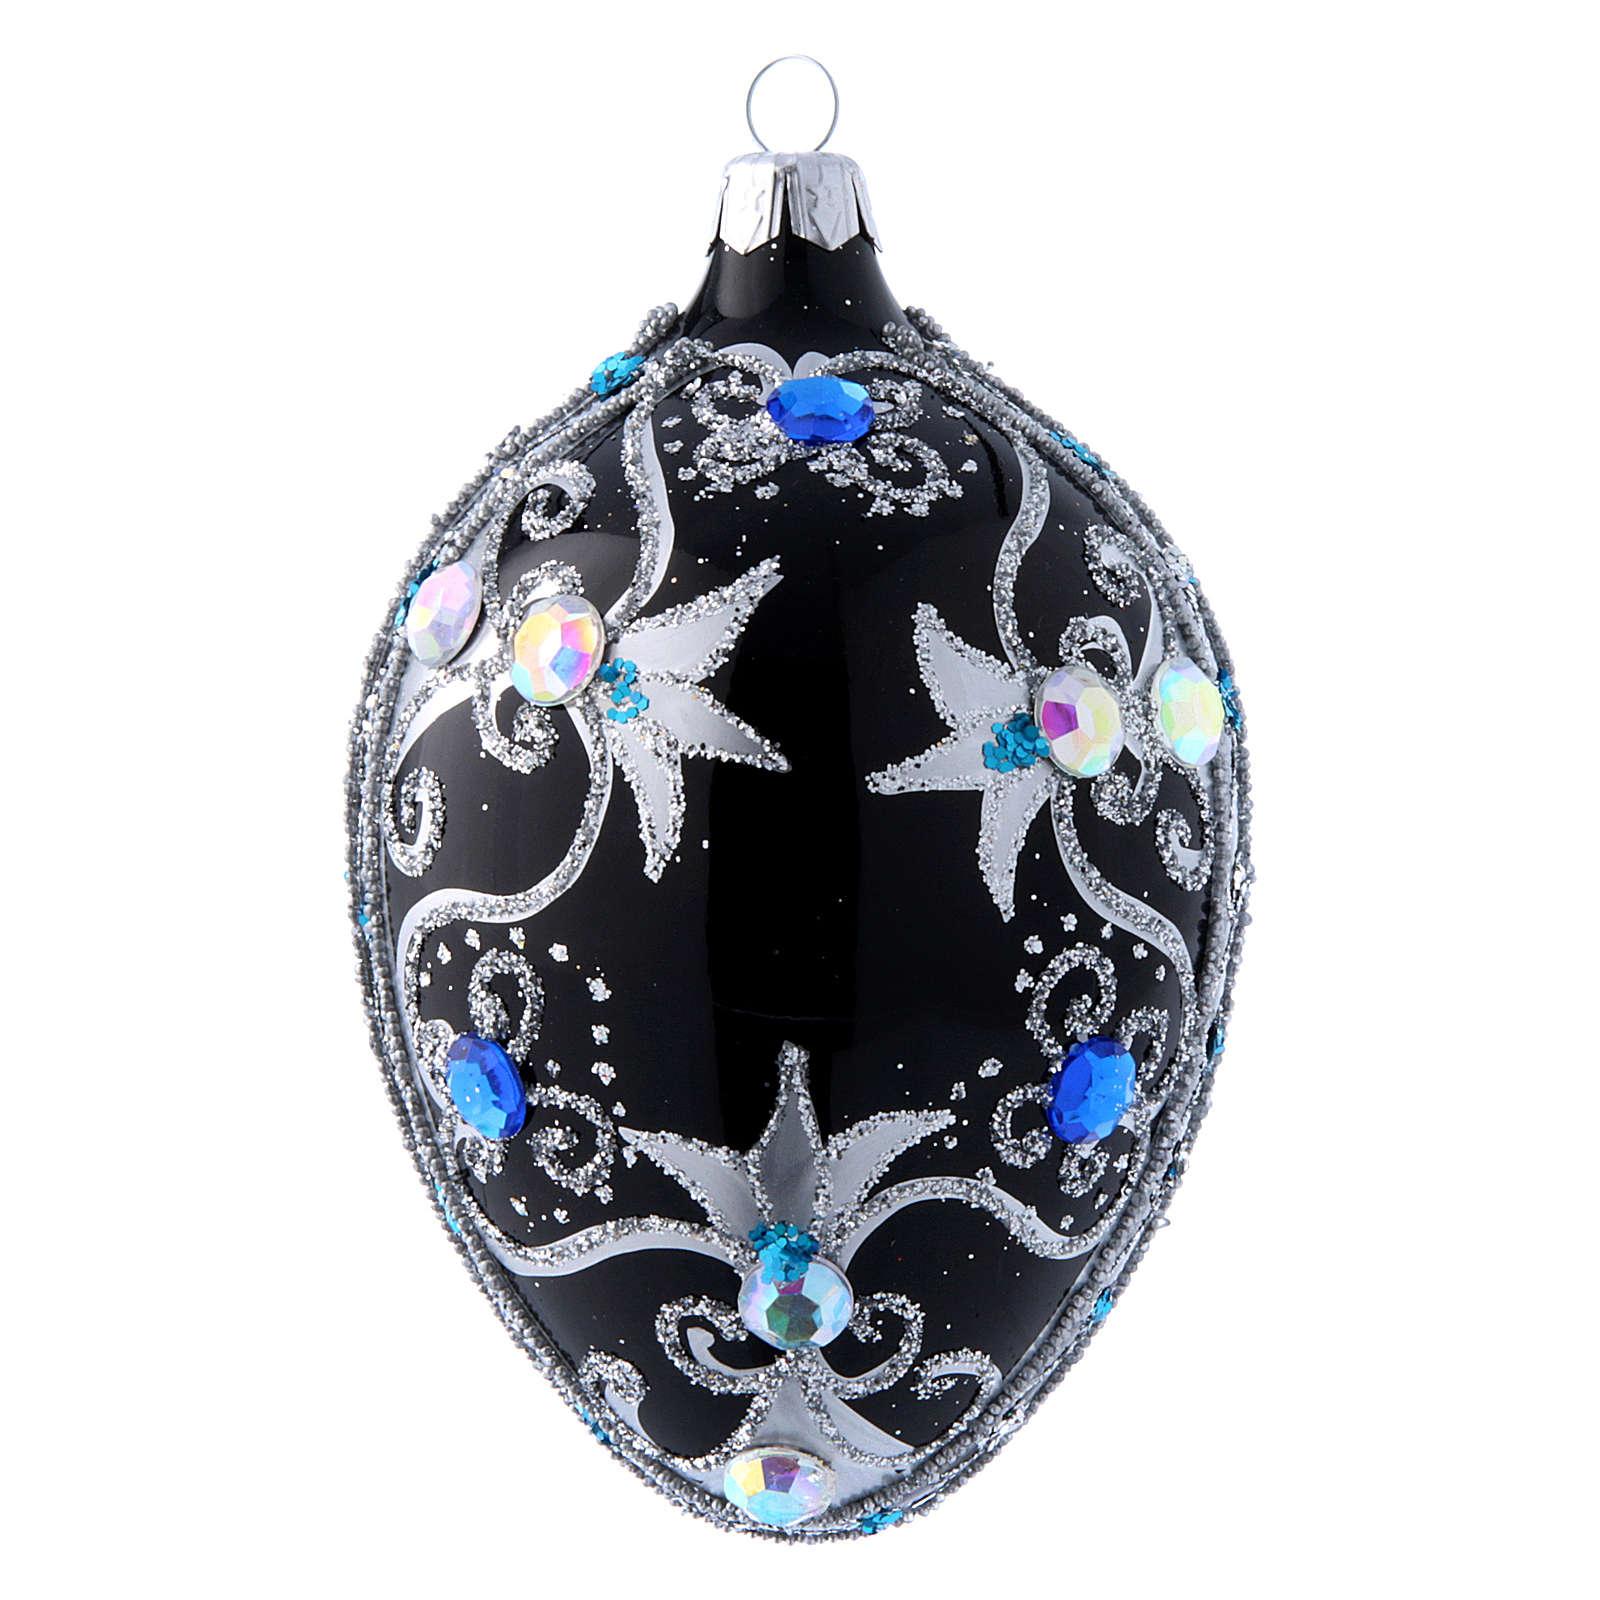 Adorno de Navidad huevo decoración negro y plata 130 mm 4